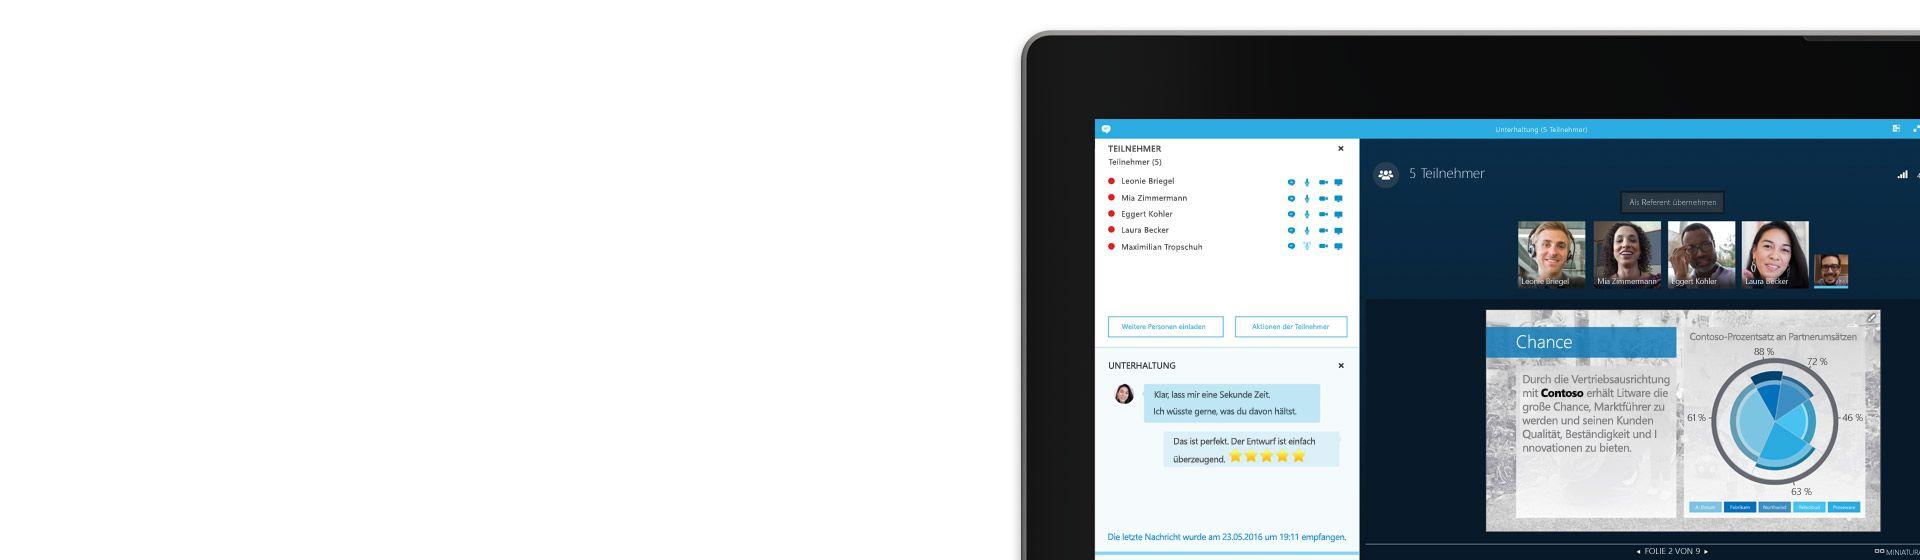 Ausschnitt eines Laptop-Bildschirms mit einer Skype for Business-Besprechung und einer Teilnehmerliste